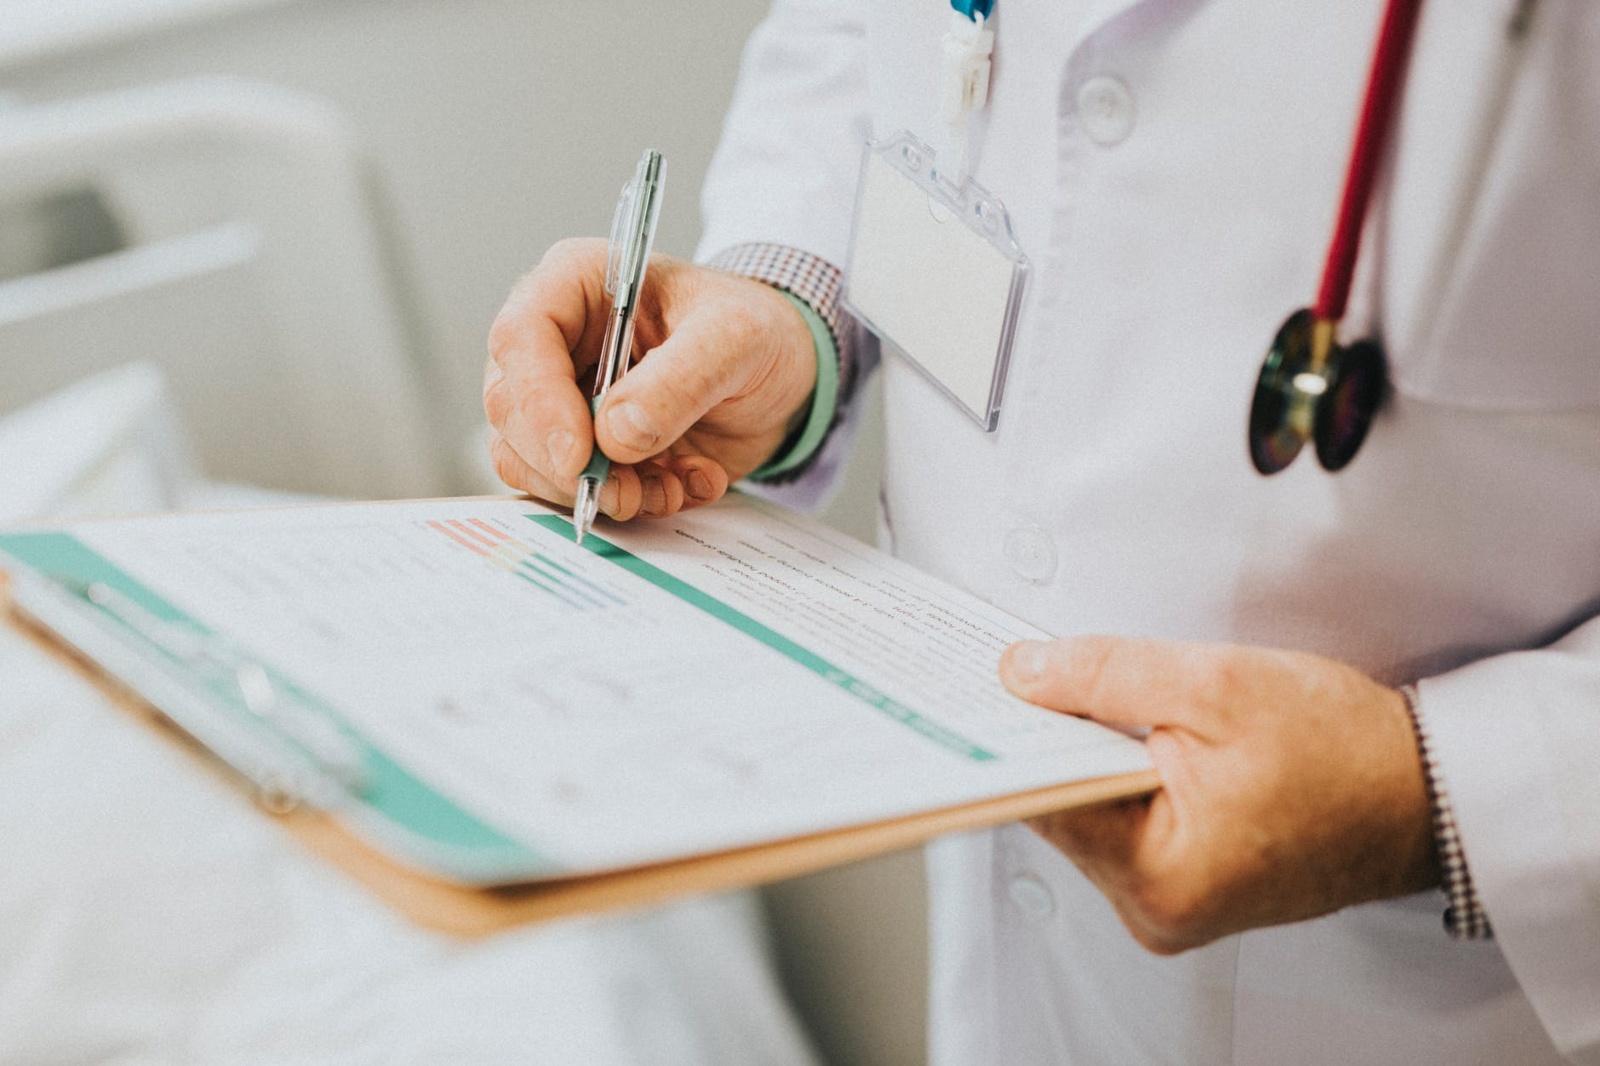 Dermatovenerologas apie lytiškai plintančias infekcijas: gėda ne pasitikrinti, bet nesirūpinti savo sveikata